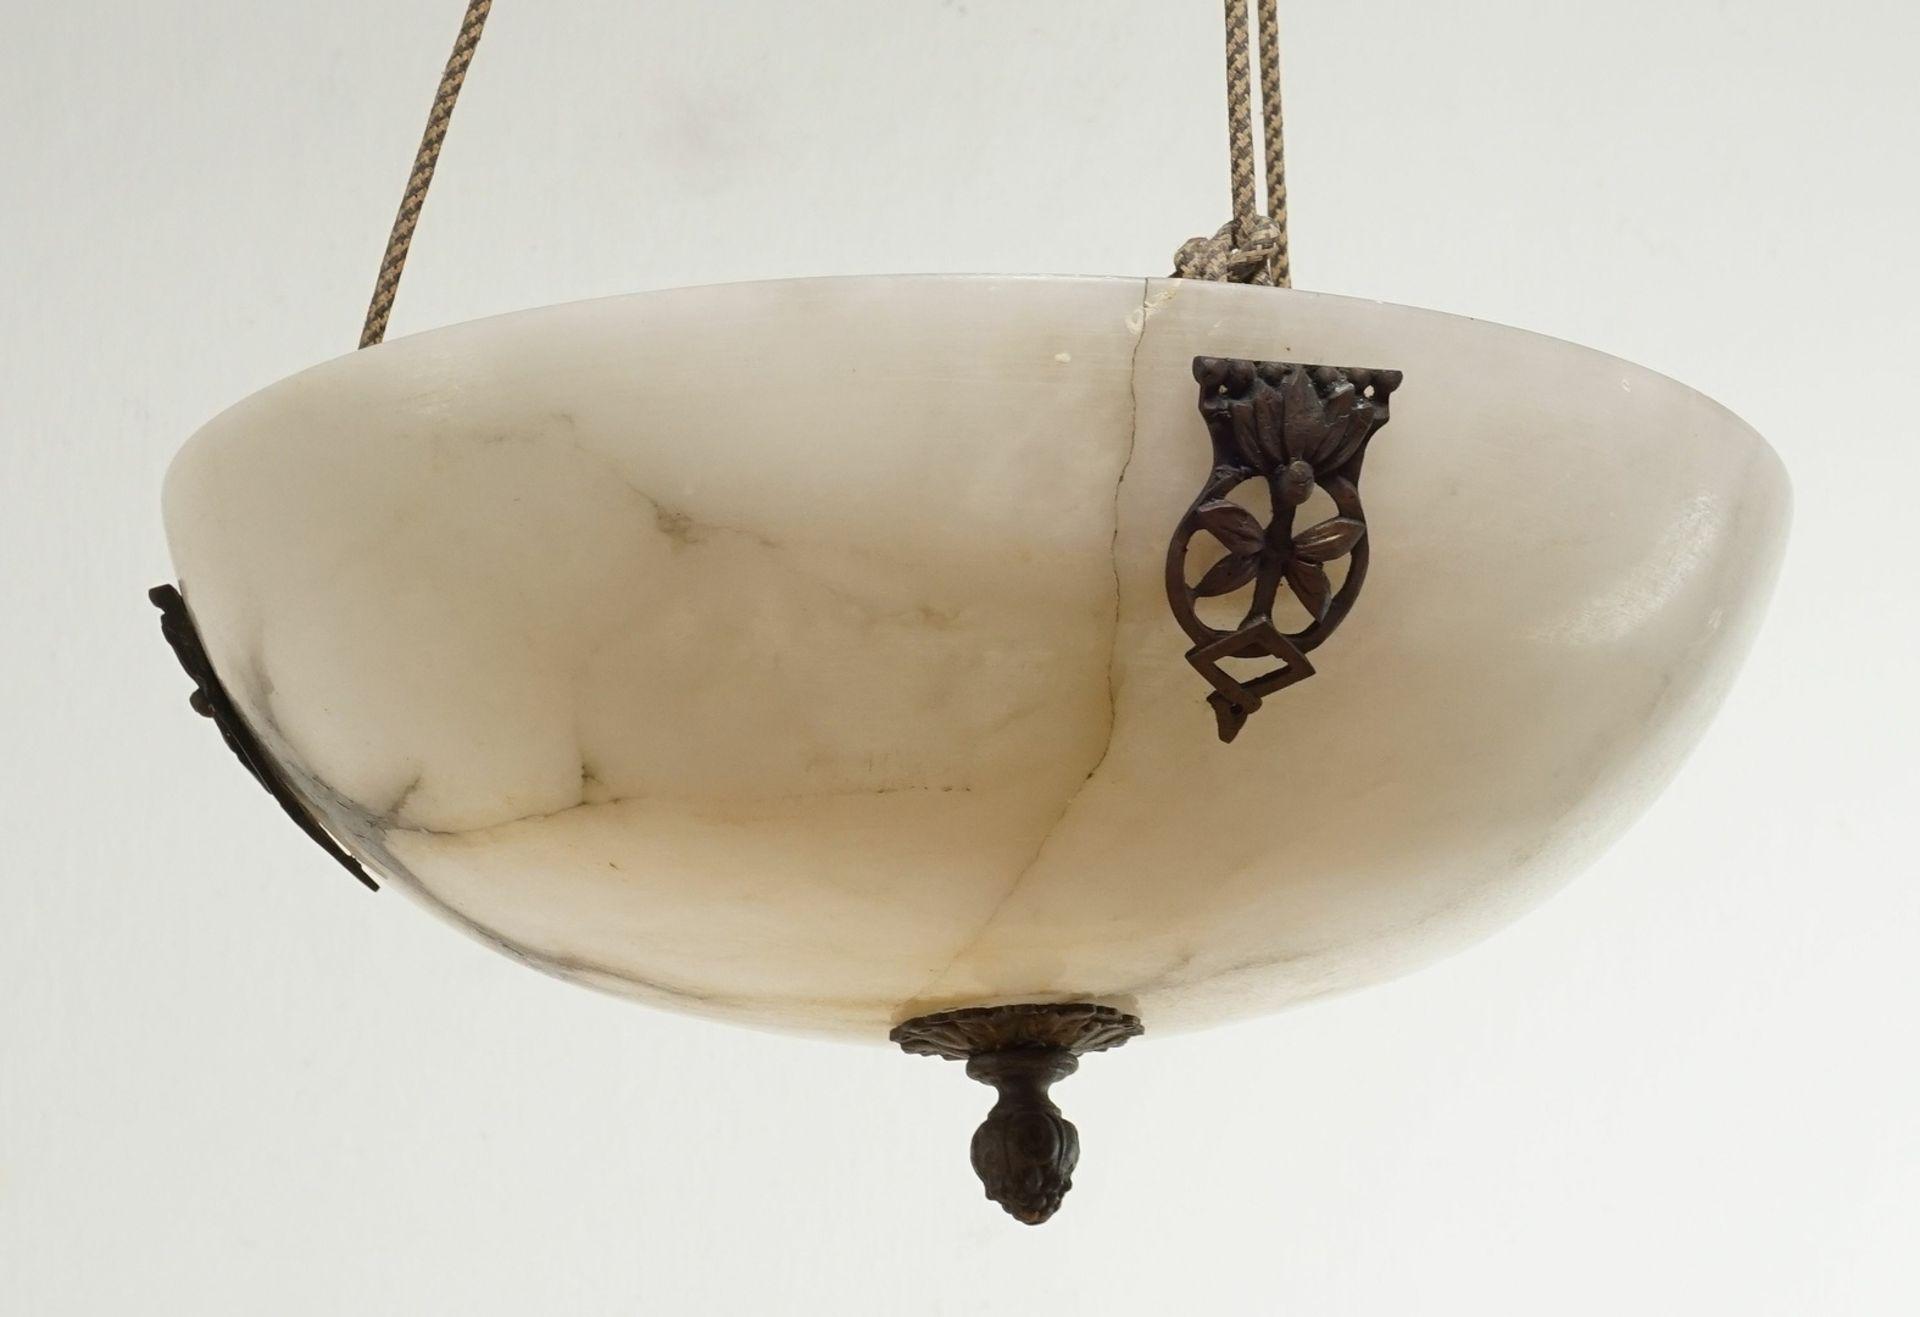 Marmor Deckenlampe, um 1900 - Bild 2 aus 2